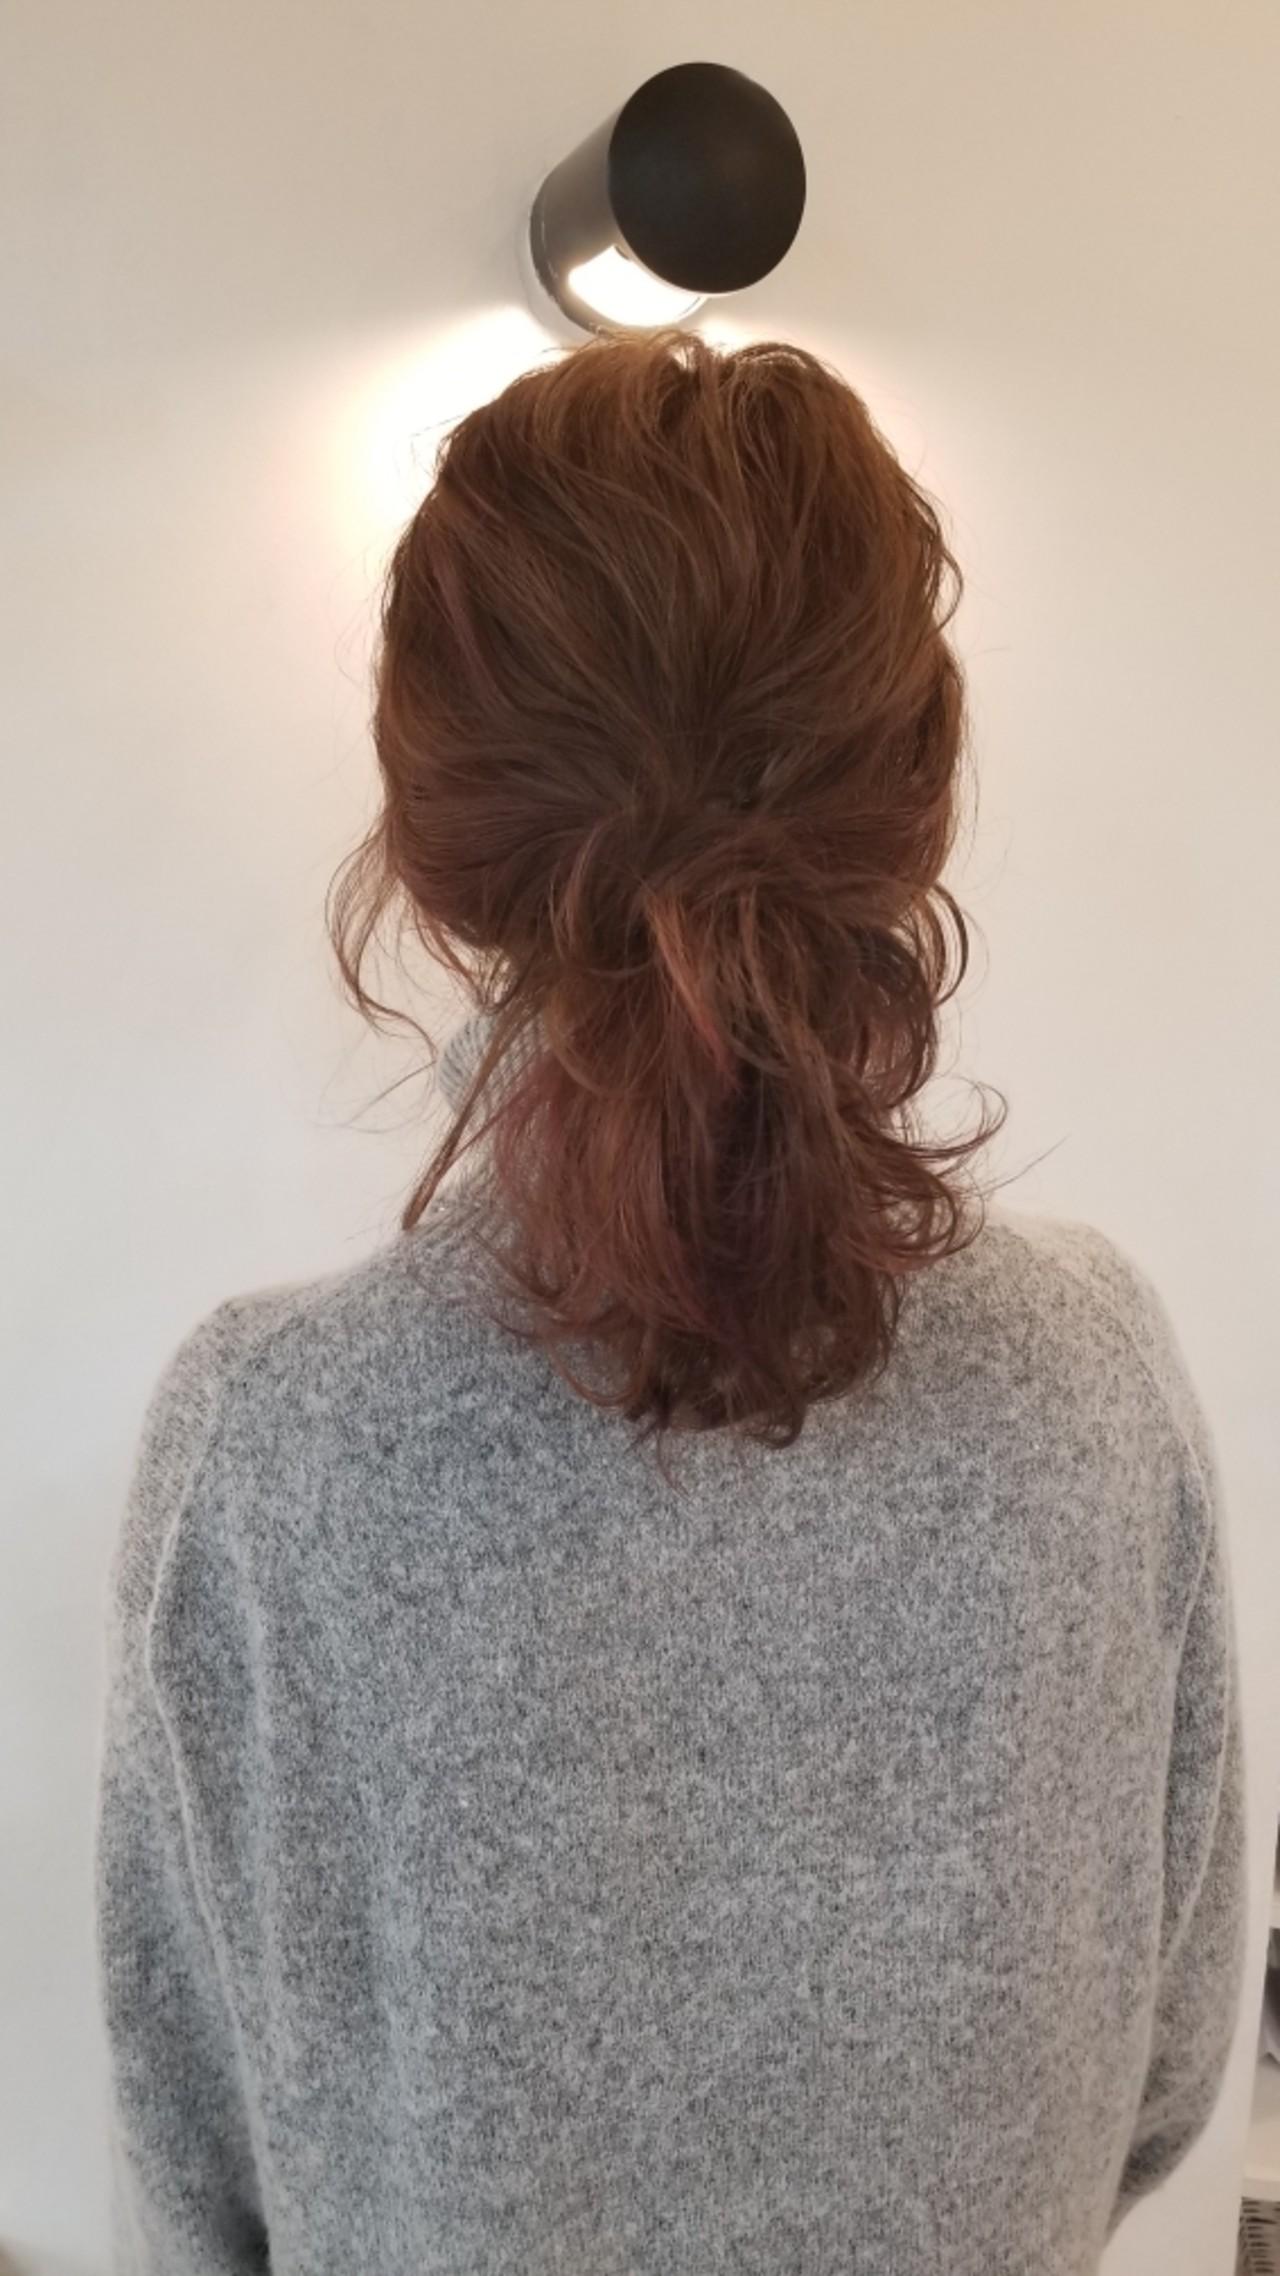 セミロング ナチュラル インナーカラー バレンタイン ヘアスタイルや髪型の写真・画像